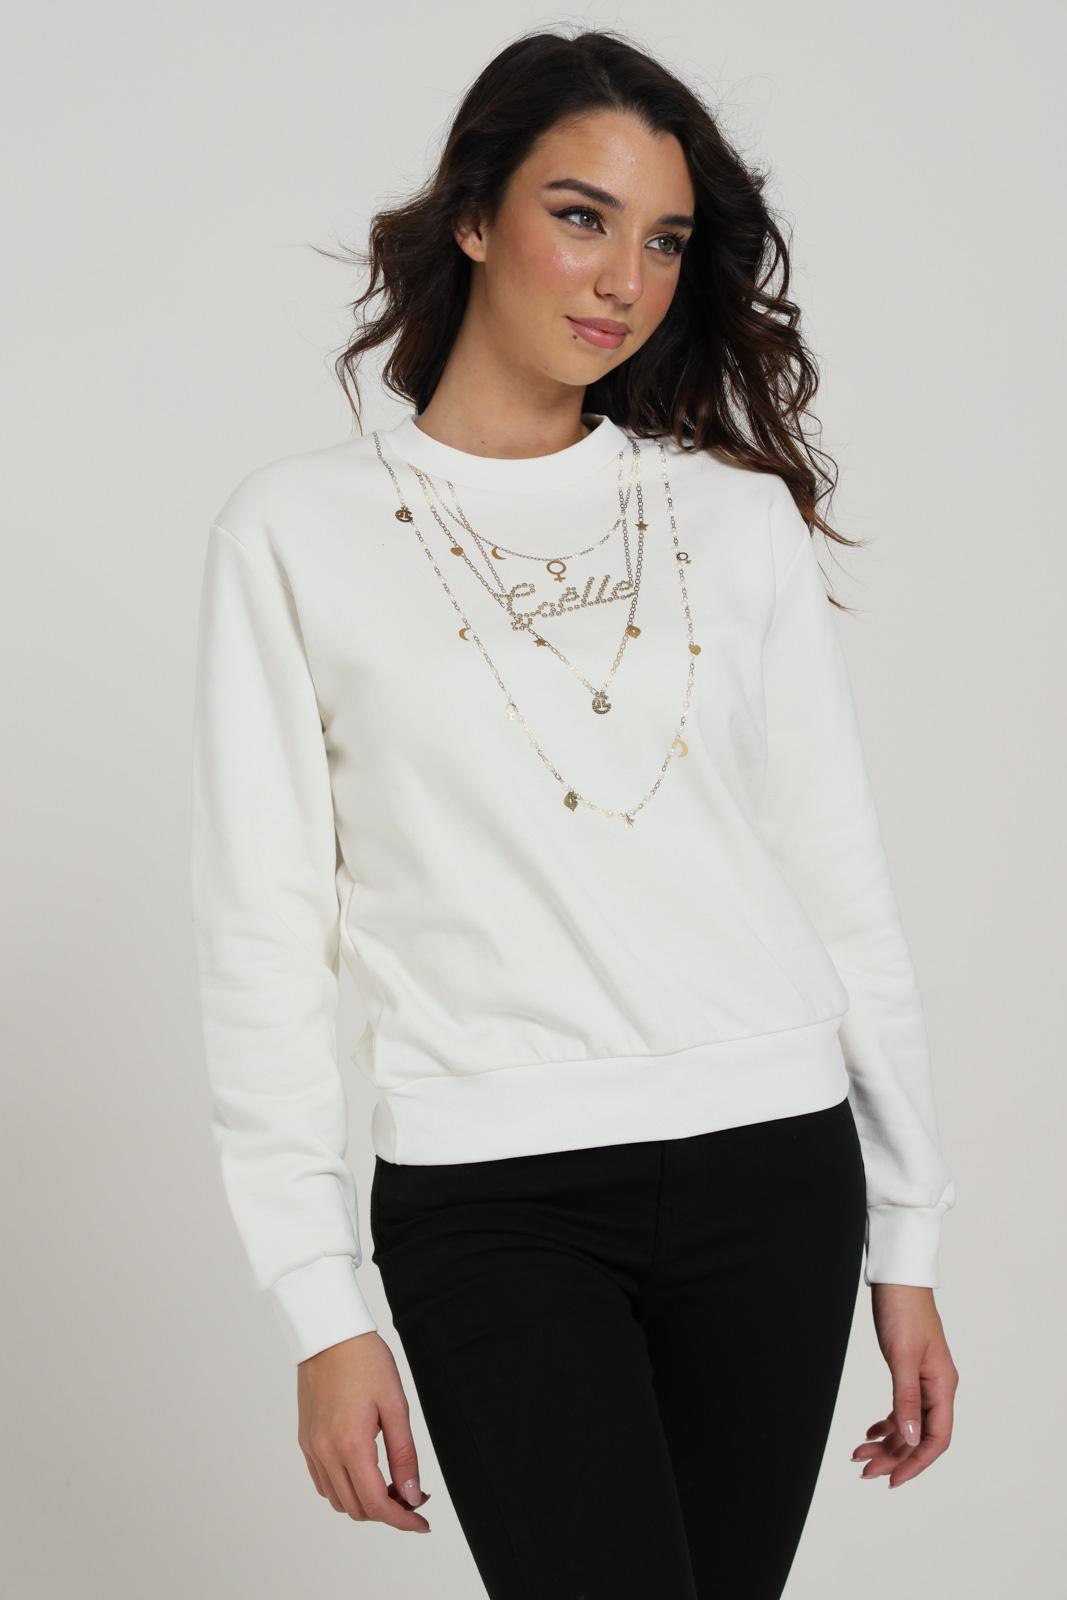 GAELLE | Sweatshirt | GBD8170OFF WHITE